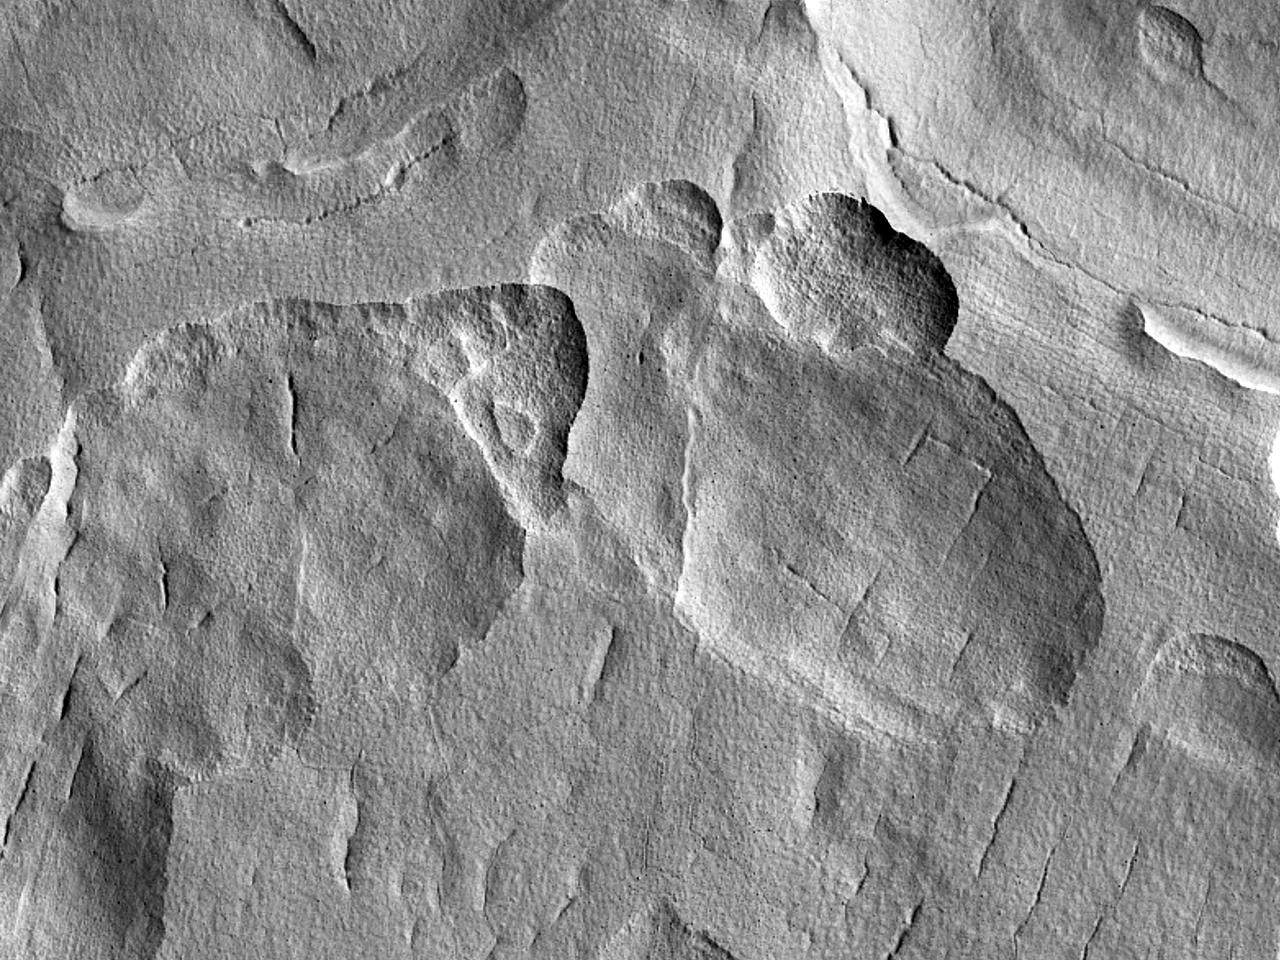 Krateravleiringer i Utopia Planitia